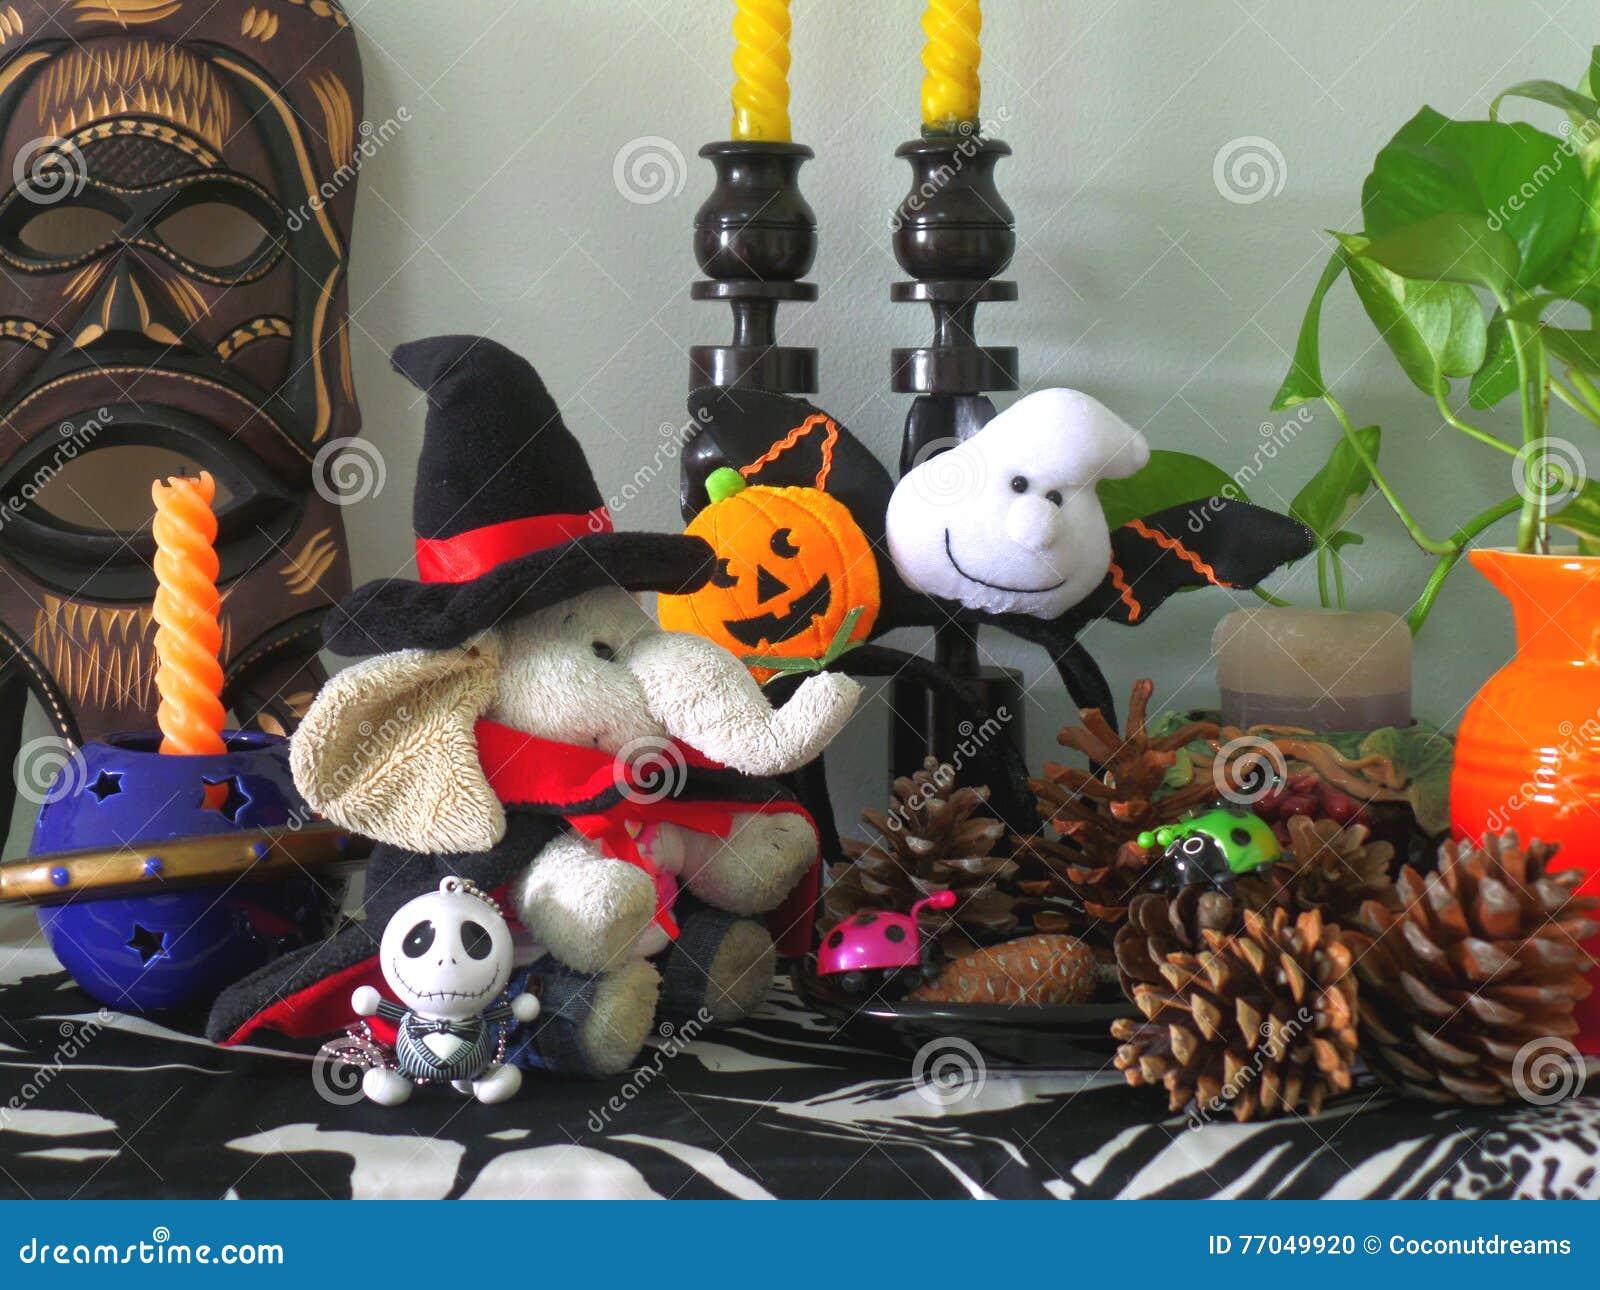 Die Netteste Halloween-Dekoration Für Wohnzimmer!! Stockfoto - Bild ...